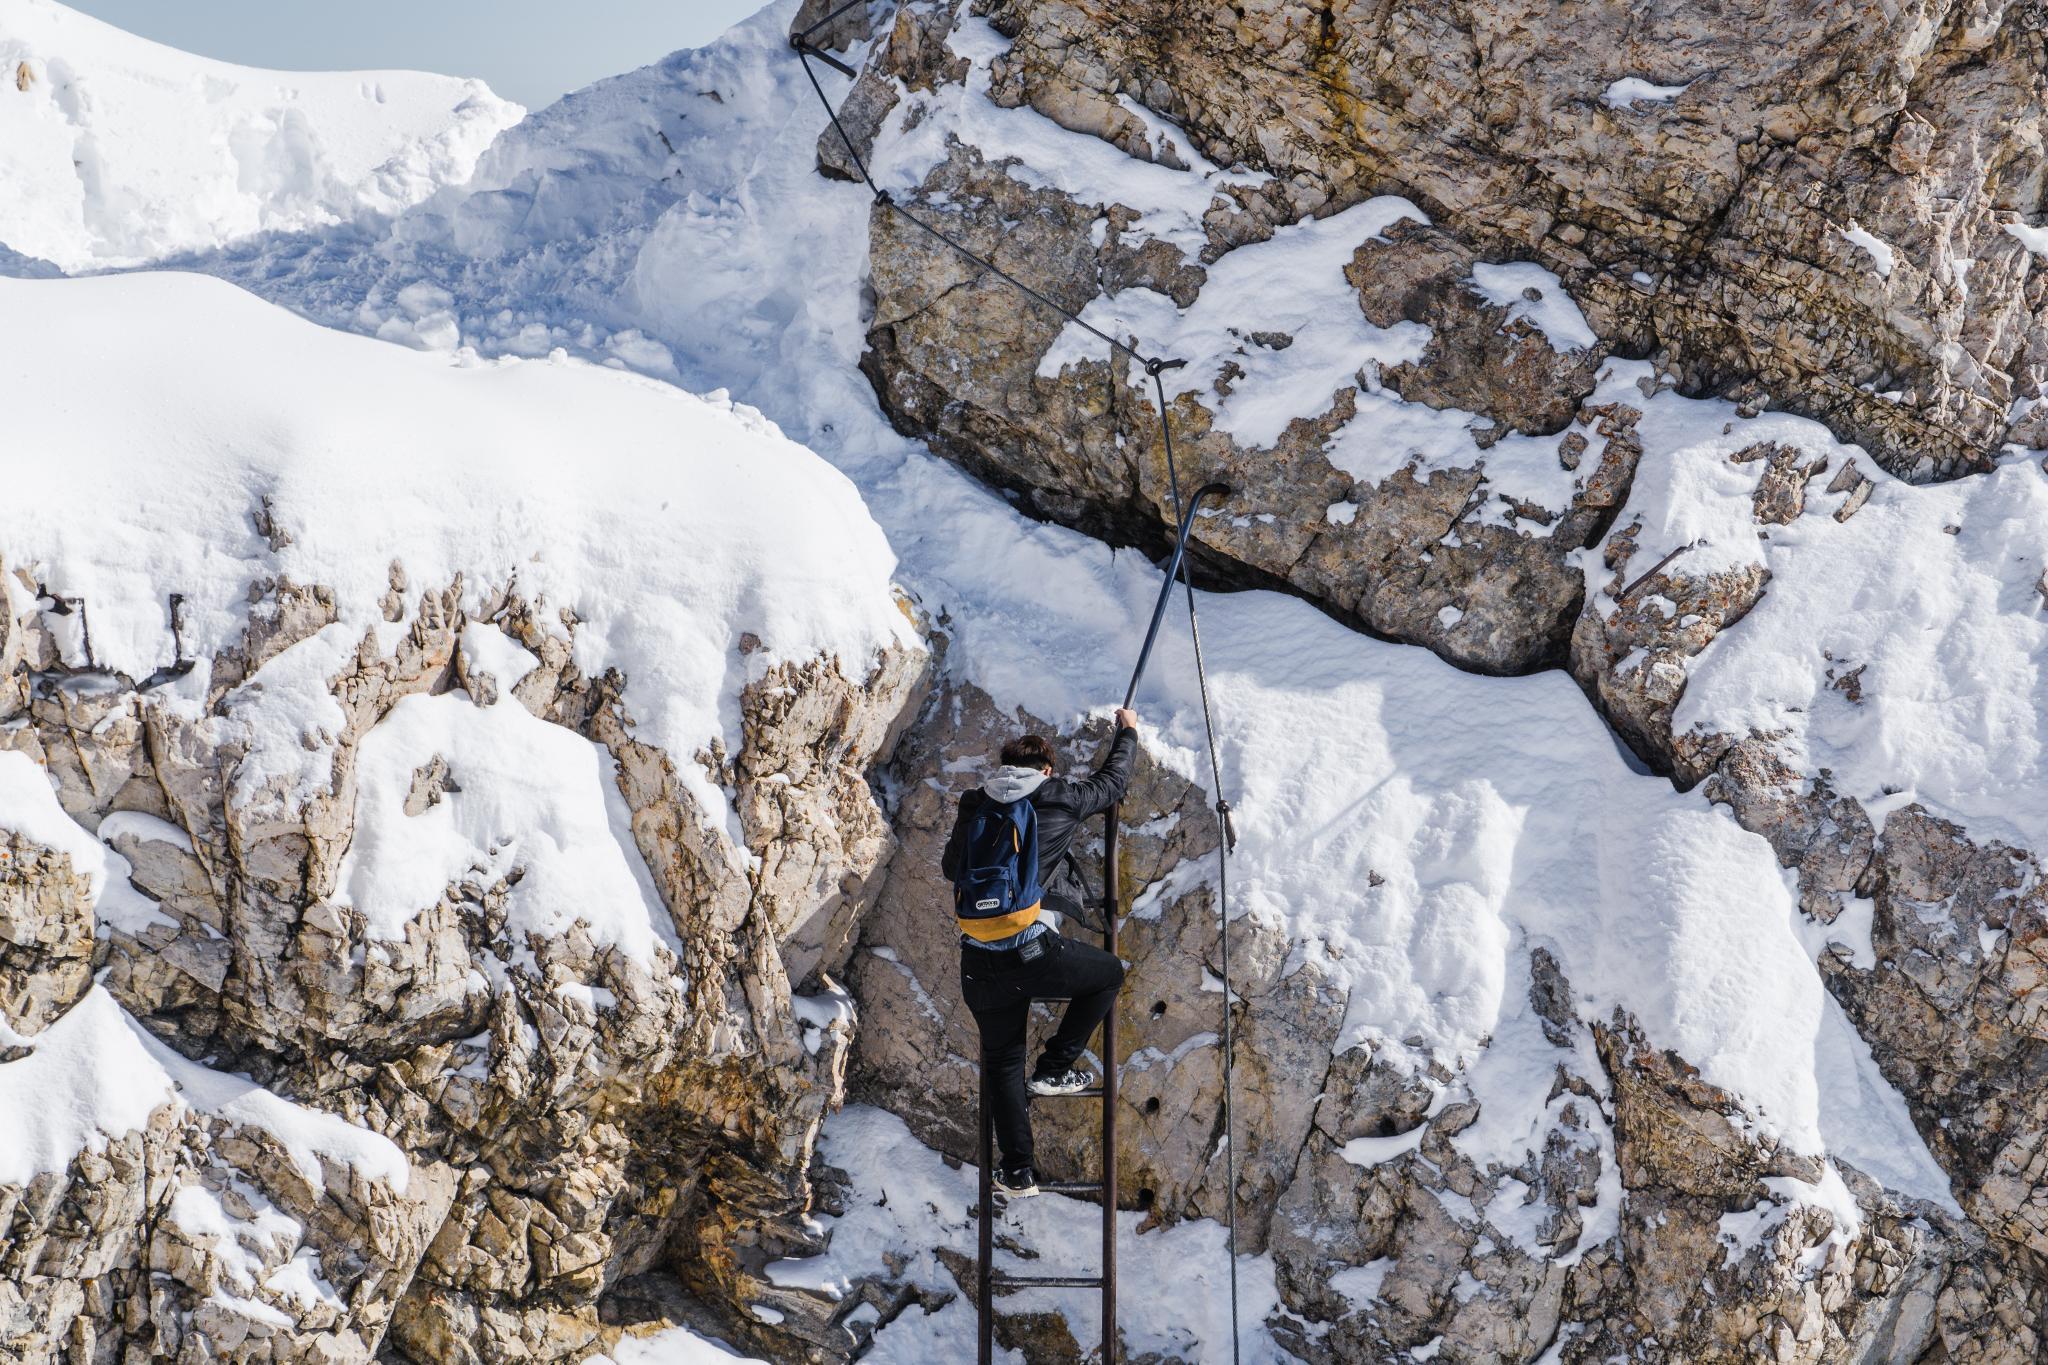 【德國】阿爾卑斯大道:楚格峰 (Zugspitze) 登上德國之巔 57